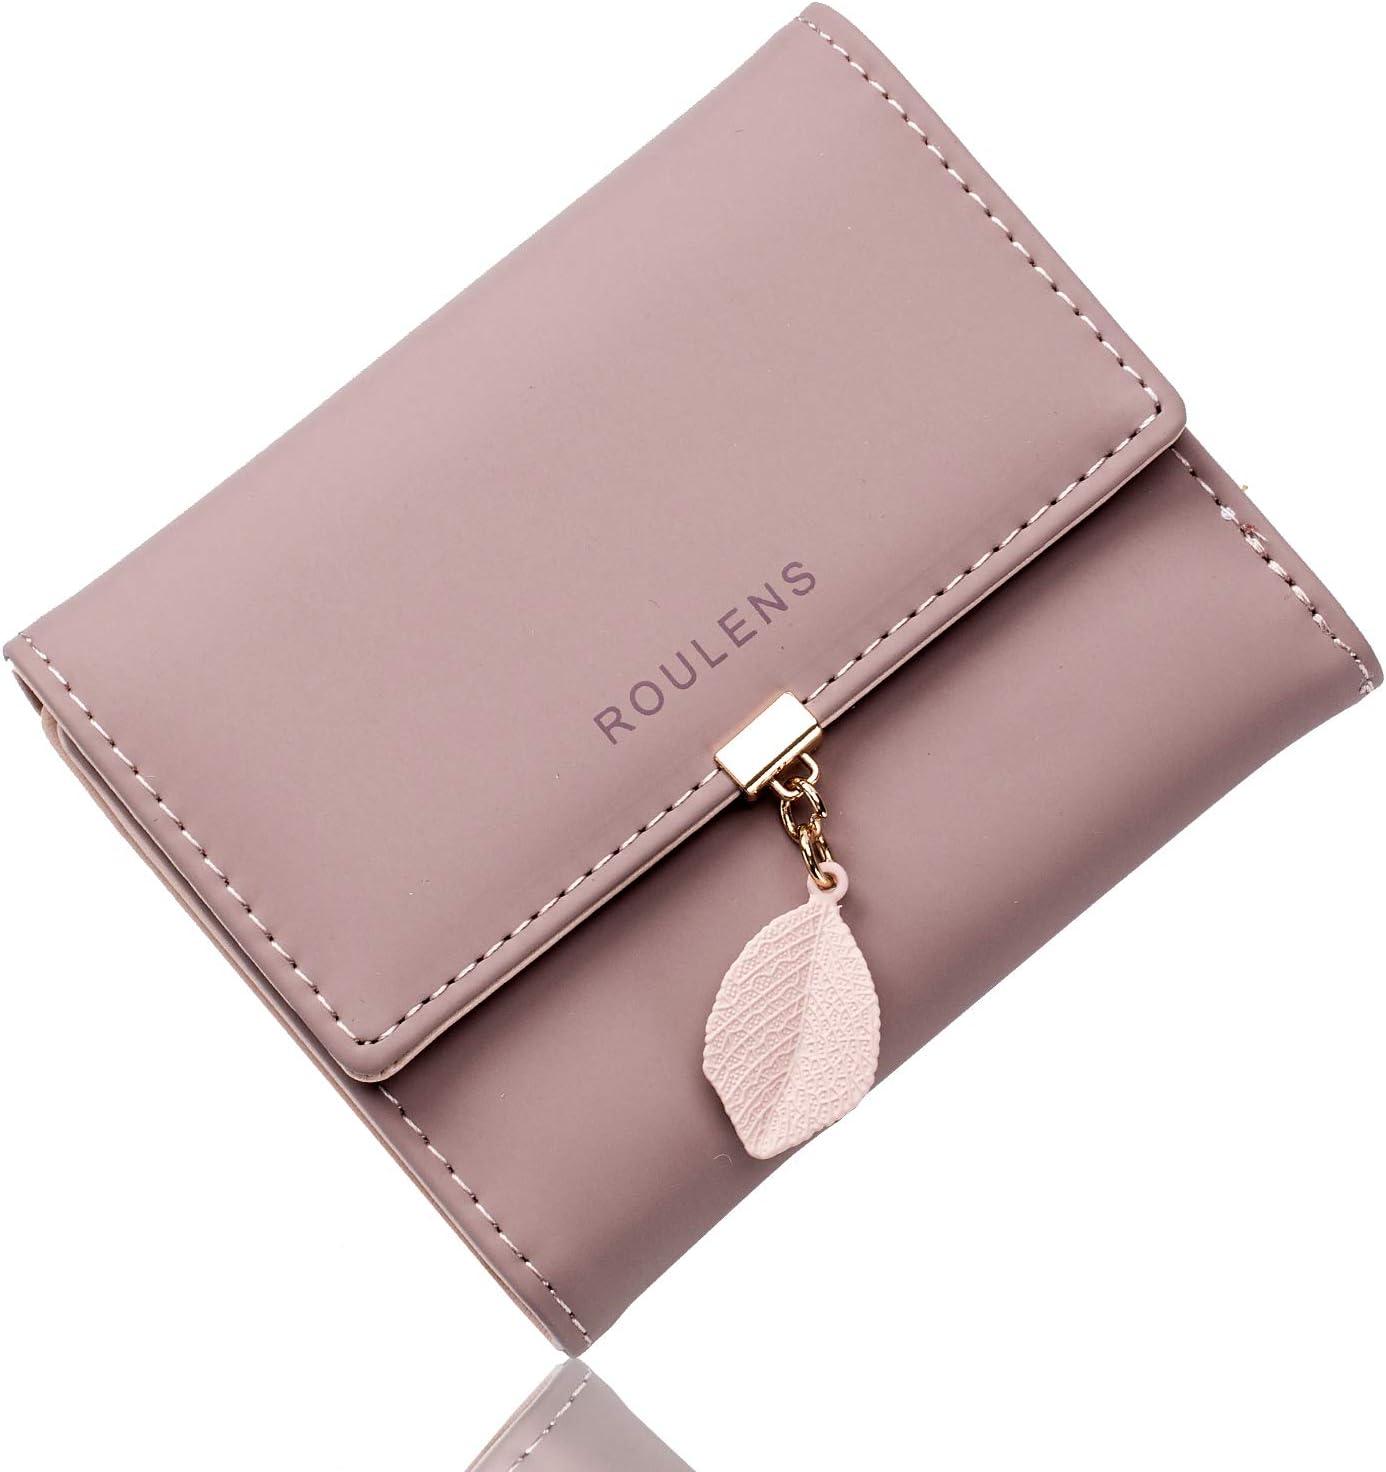 Portafoglio in pelle PU ROULENS per borsa lunga da donna con ciondolo foglia con cerniera